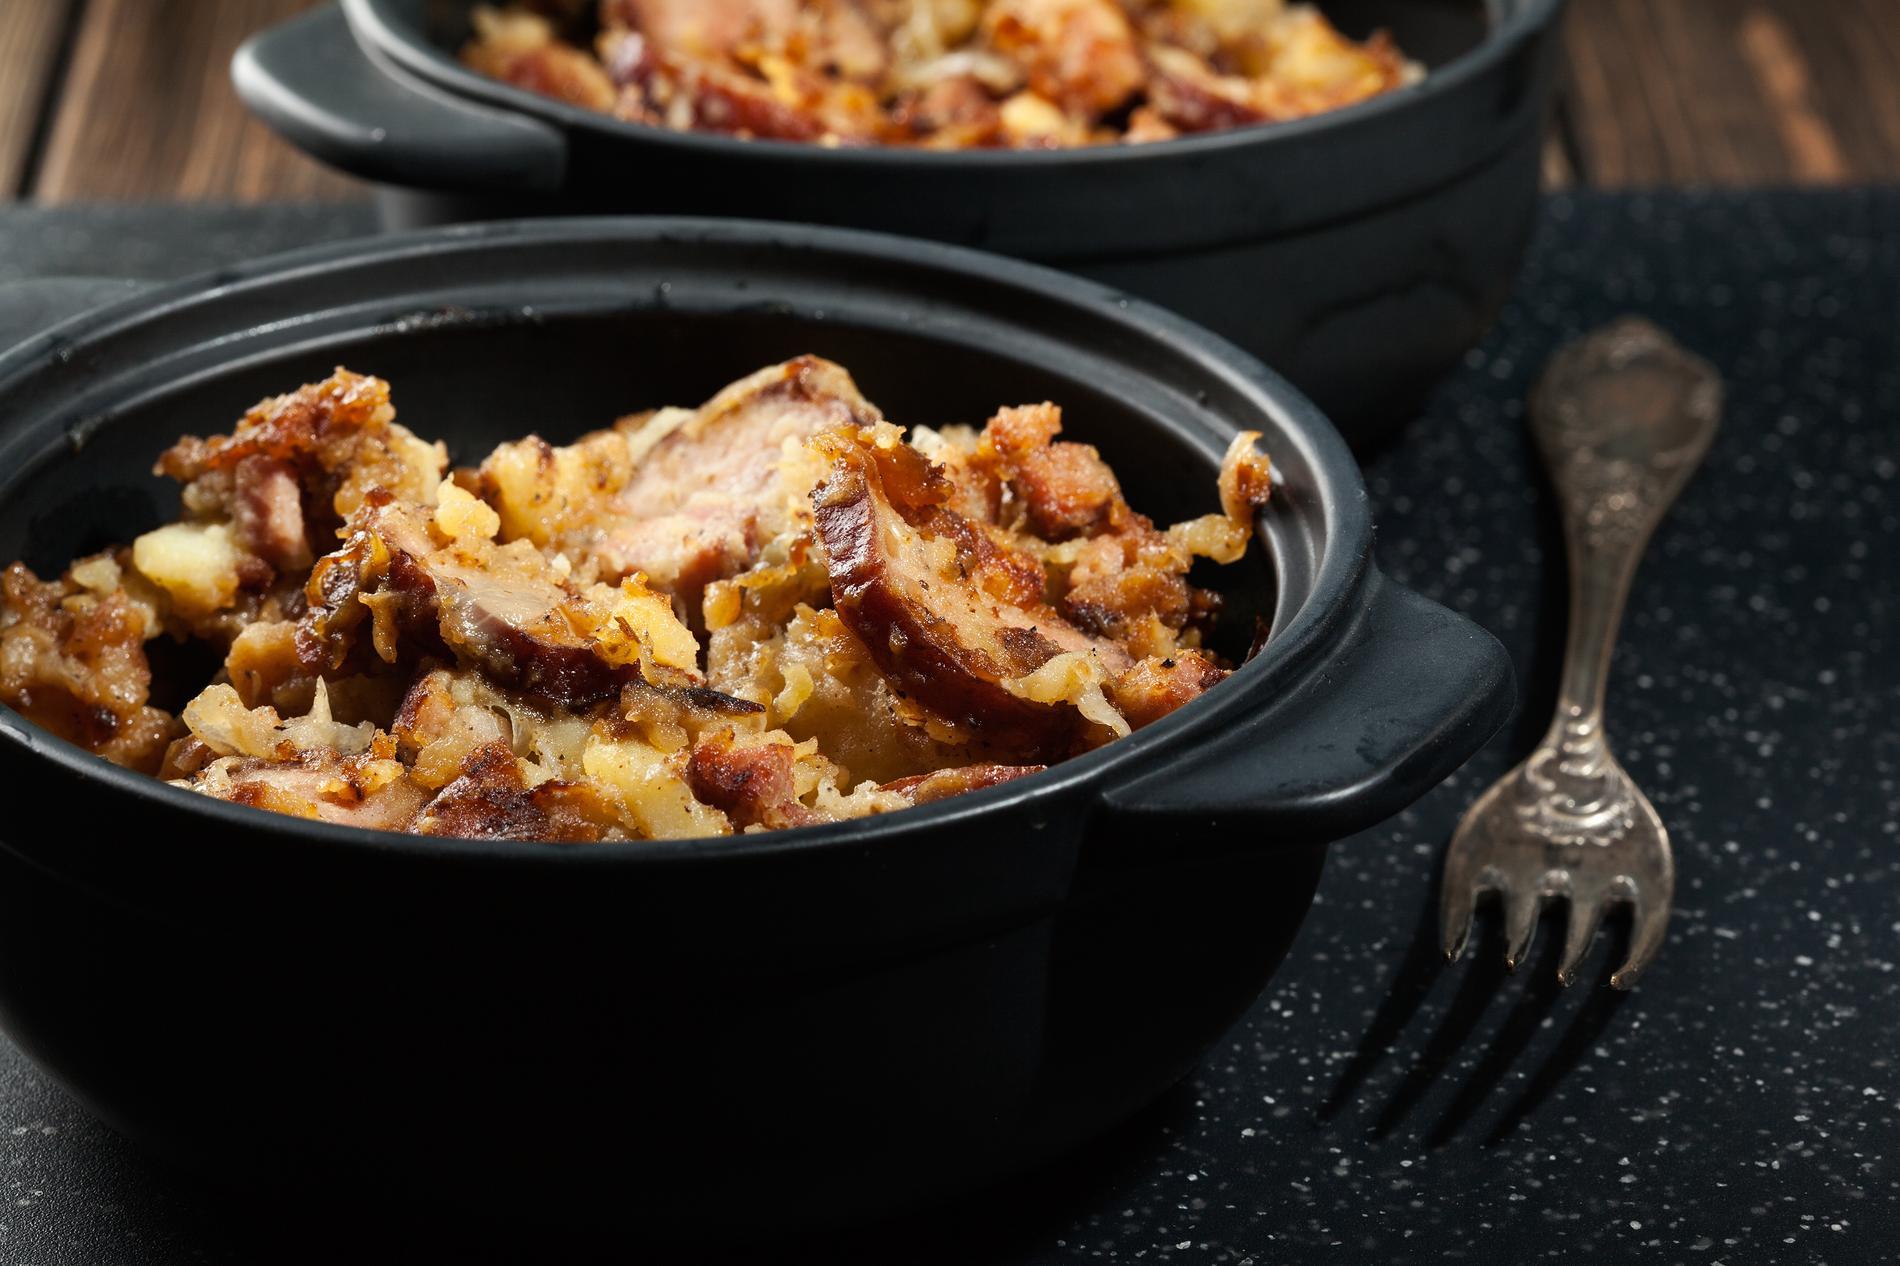 recette pommes de terre croustillantes l chalote andouille de gu men cuisine madame figaro. Black Bedroom Furniture Sets. Home Design Ideas